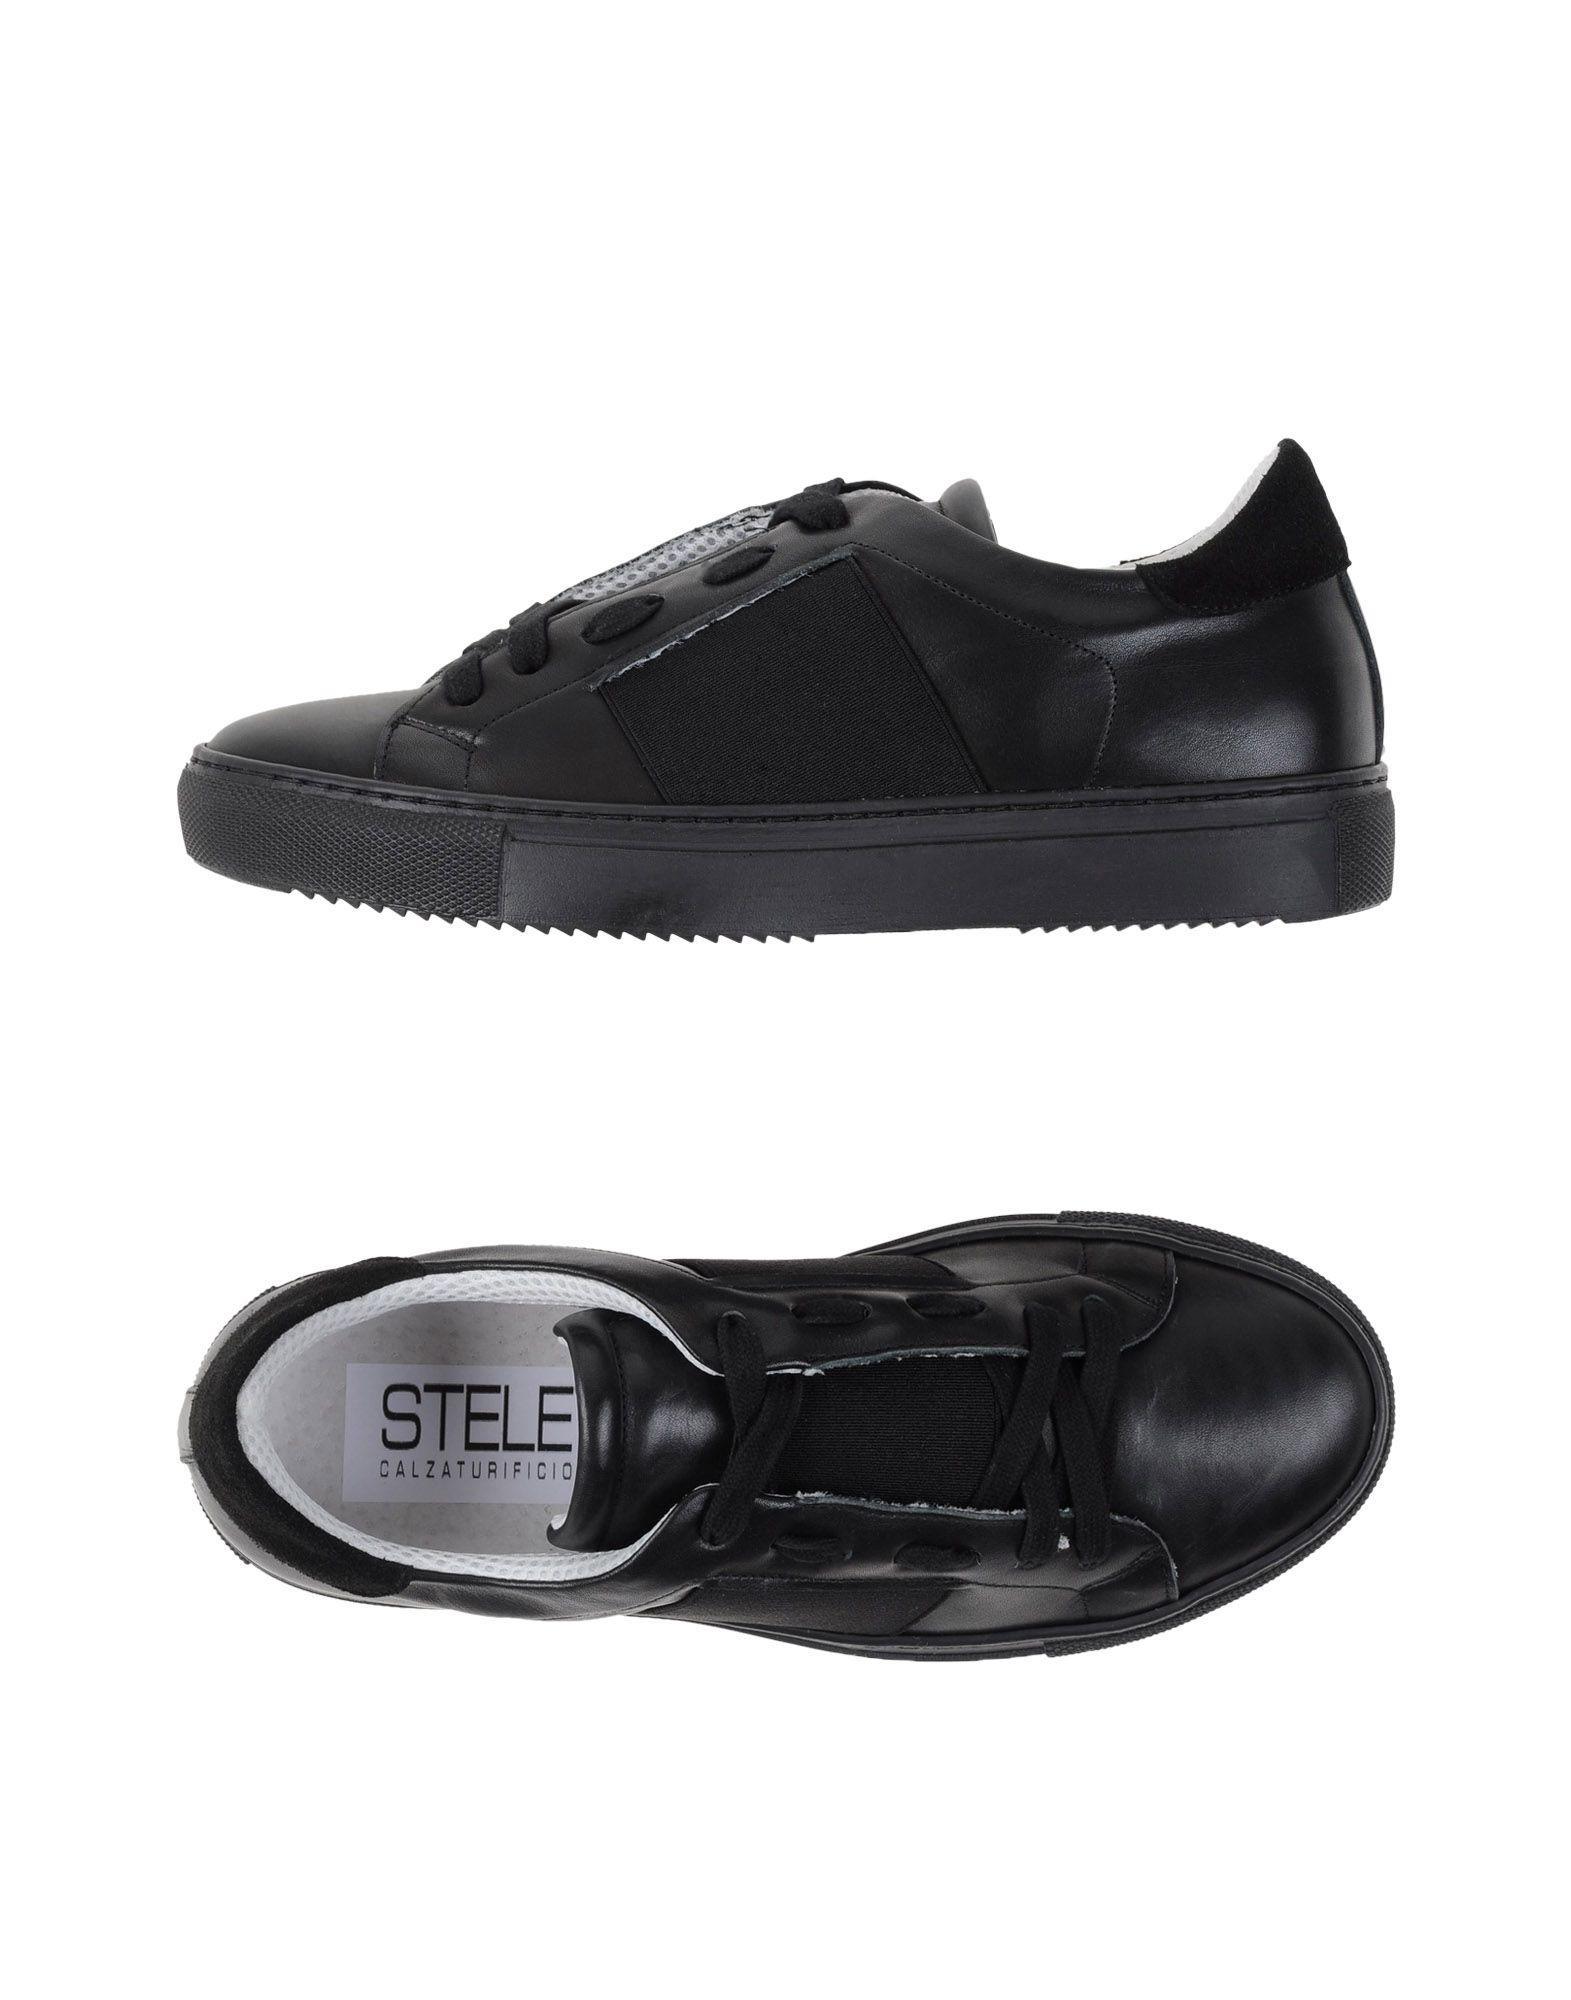 Lace Up Shoes Stele